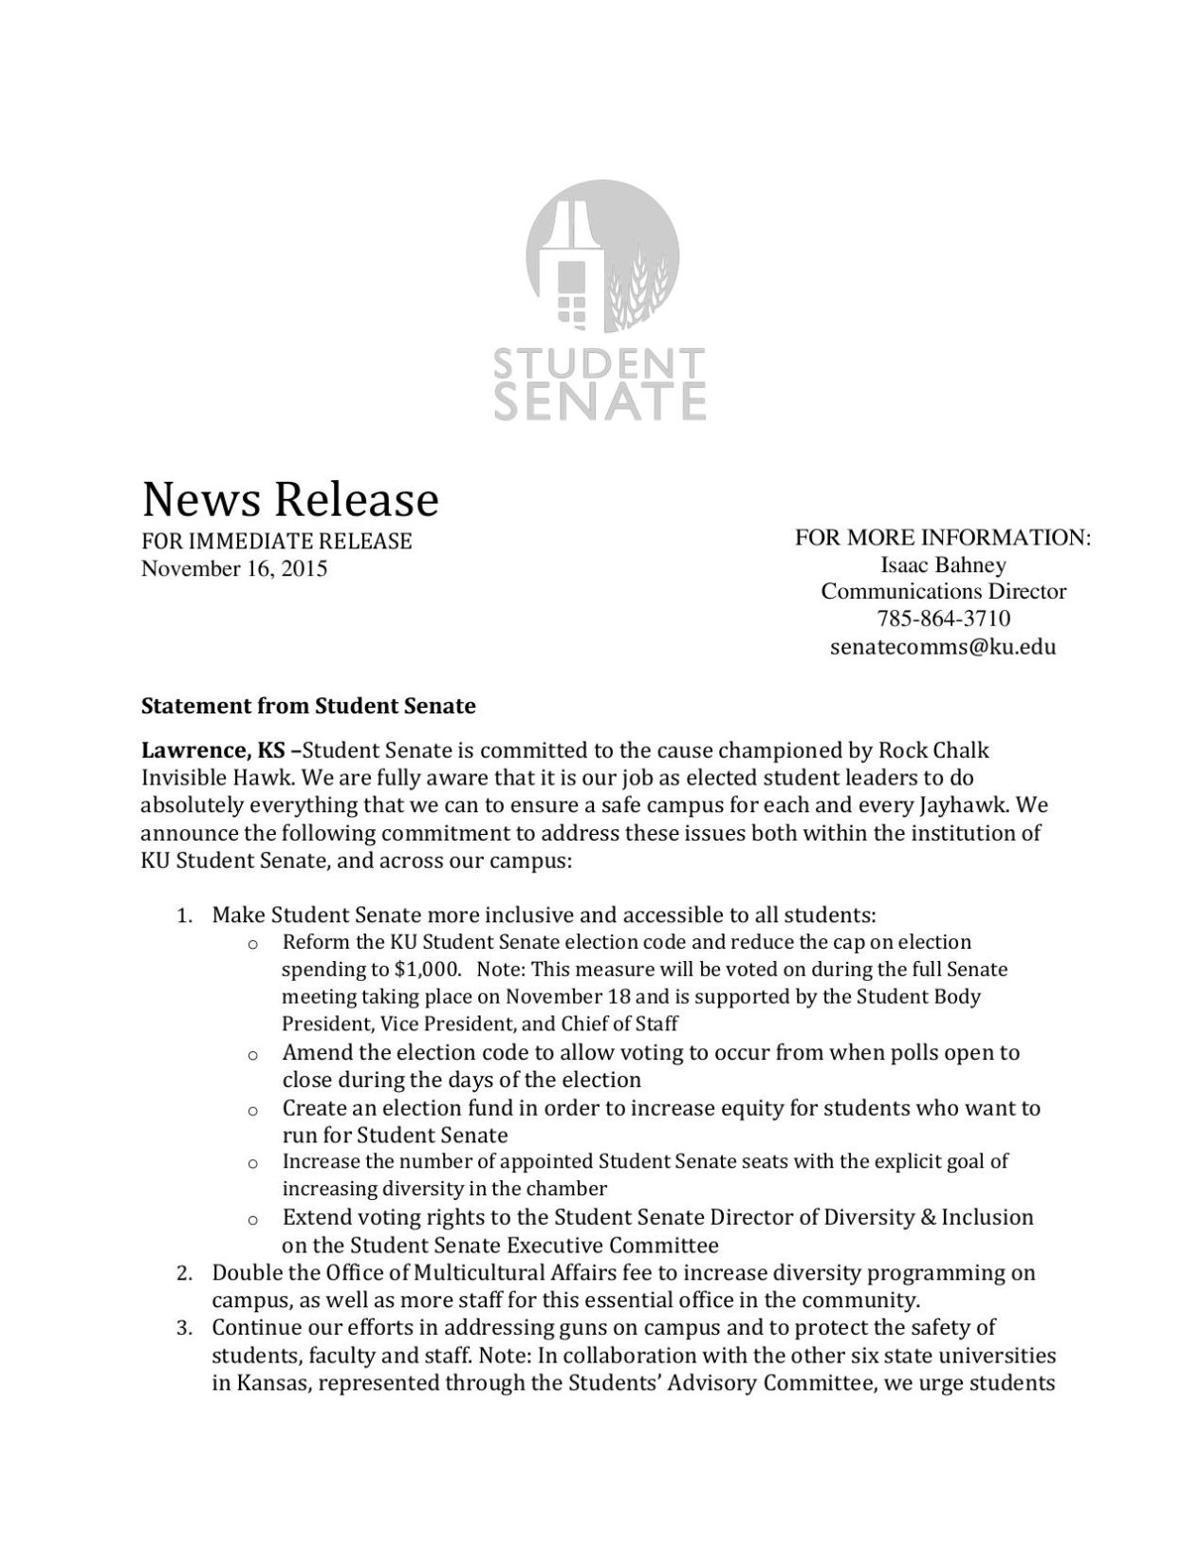 Student Senate statement Nov. 16